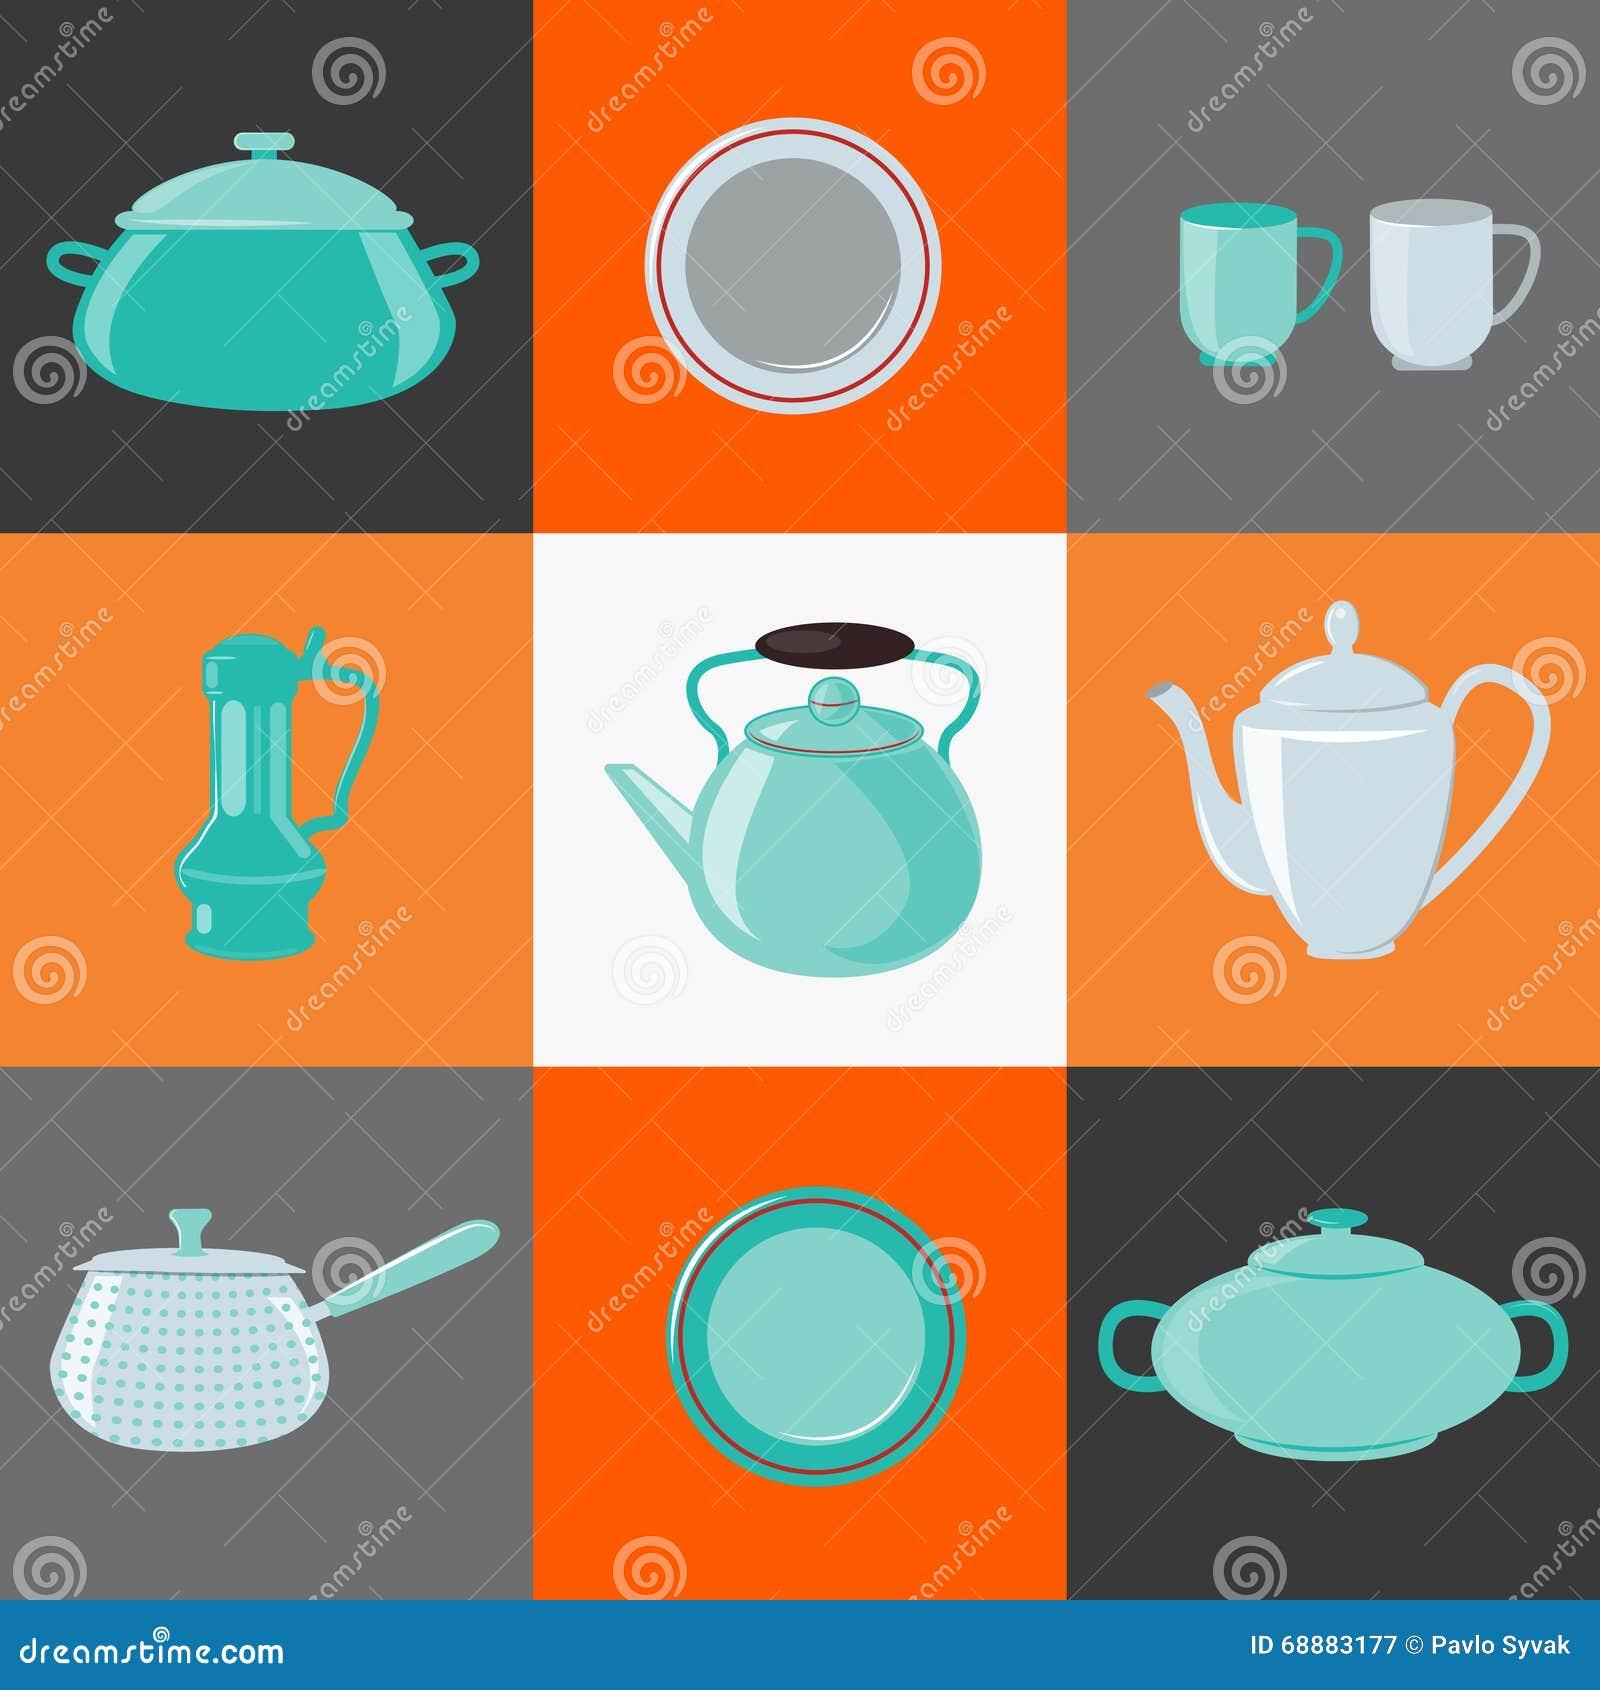 Best Oggetti Della Cucina Images - Design & Ideas 2017 - candp.us